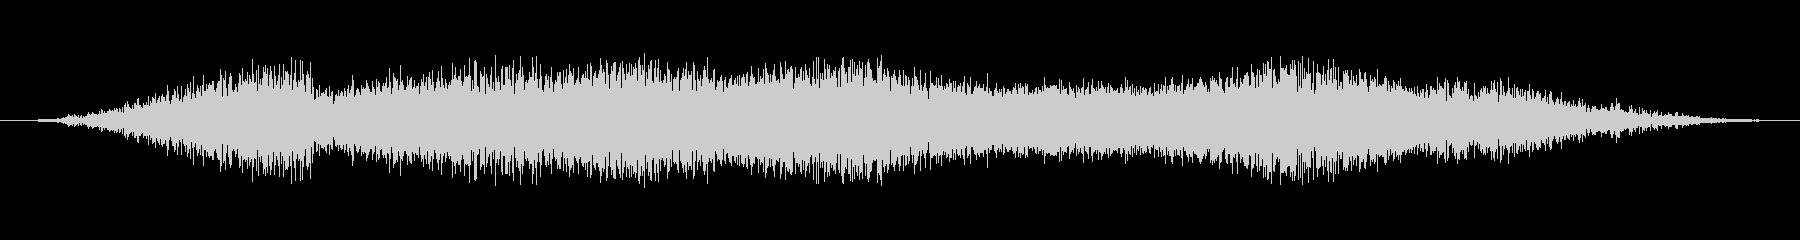 素材 エアボイスカオス01の未再生の波形